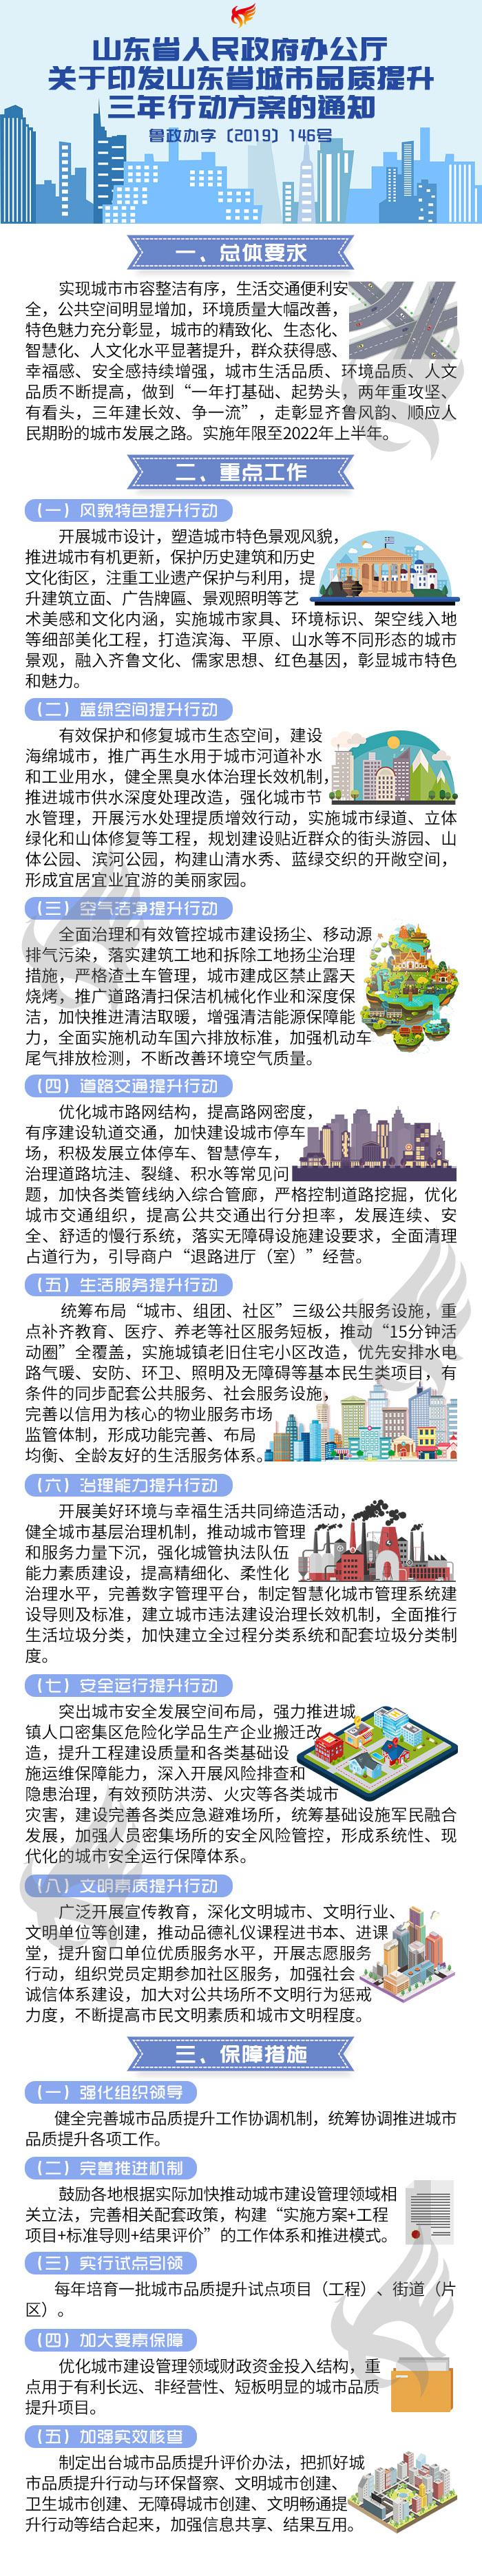 解读-山东省人民政府办公厅关于印发山东省城市品质提升三年行动方案的通知.jpg